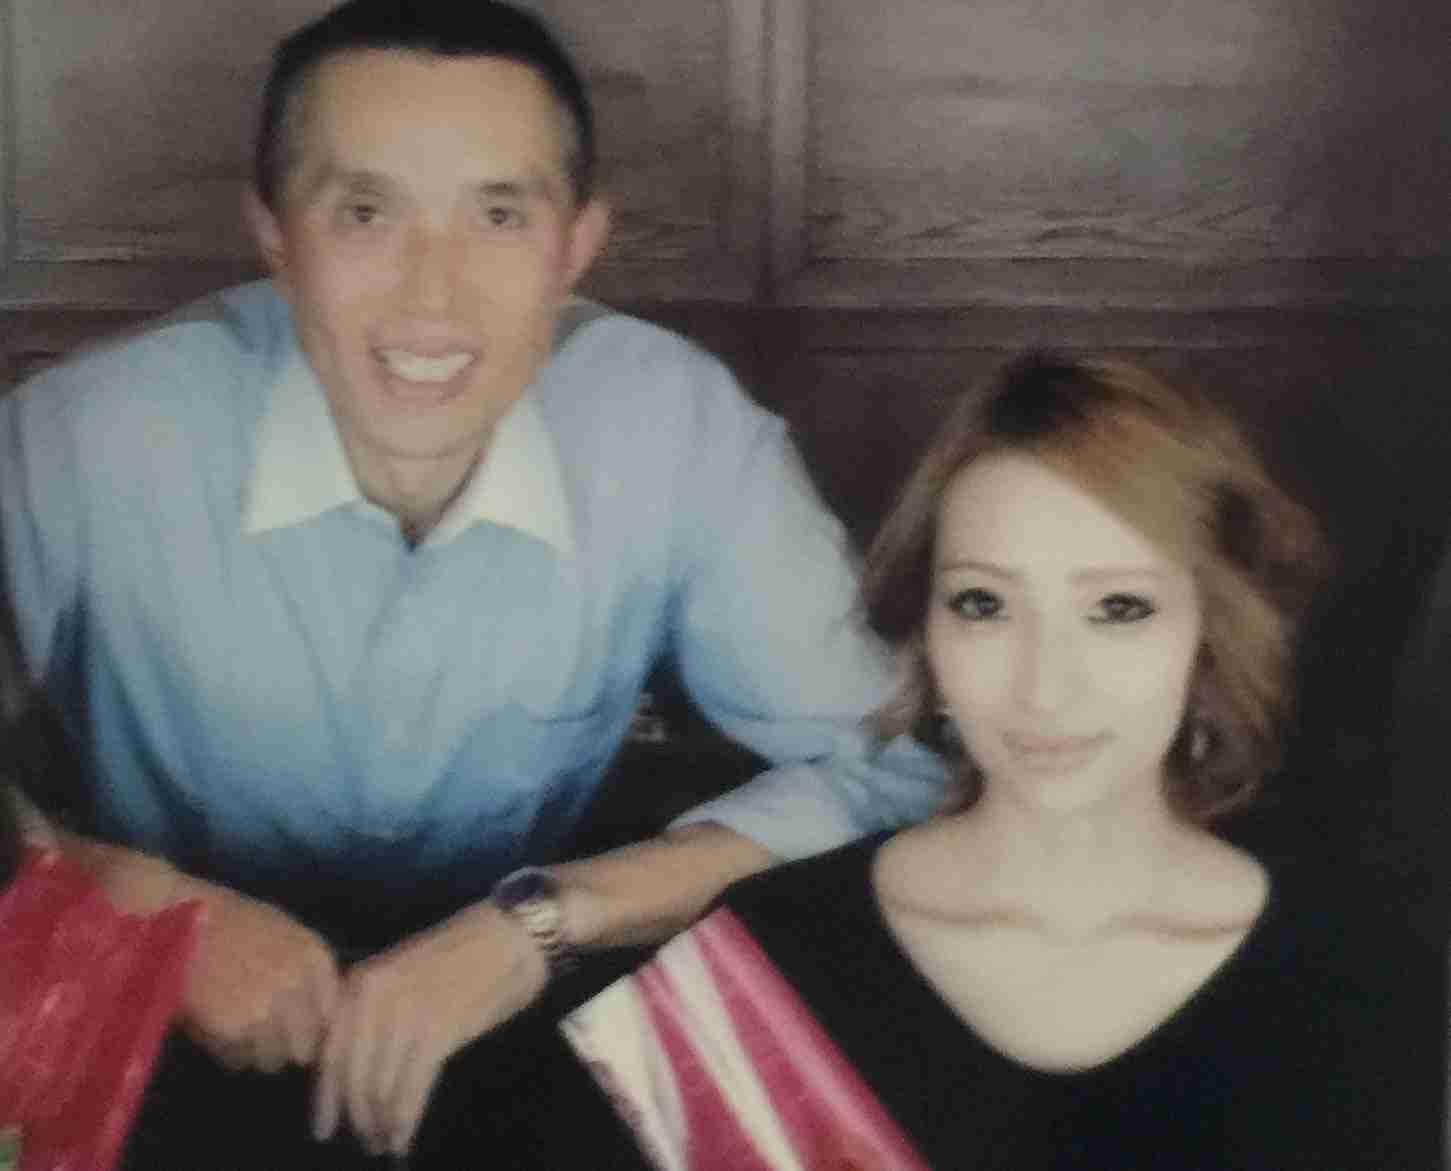 加藤紗里「イタすぎて見てられない!」父が芸能界引退を勧告 (女性自身) - Yahoo!ニュース